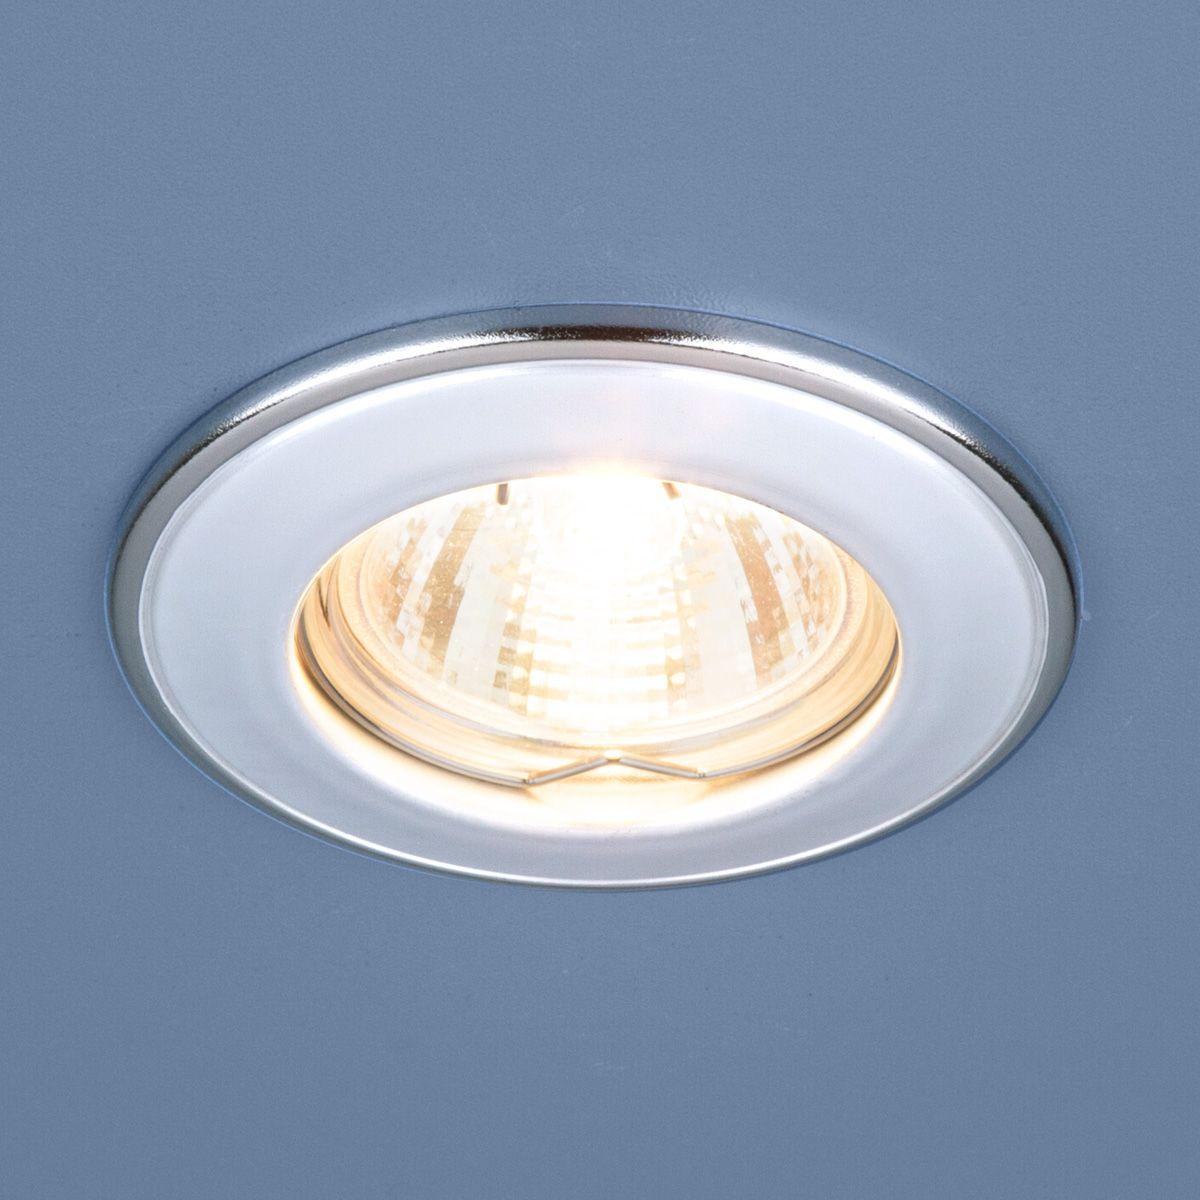 Точечный светильник 7002 MR16 WH/SL белый/серебро